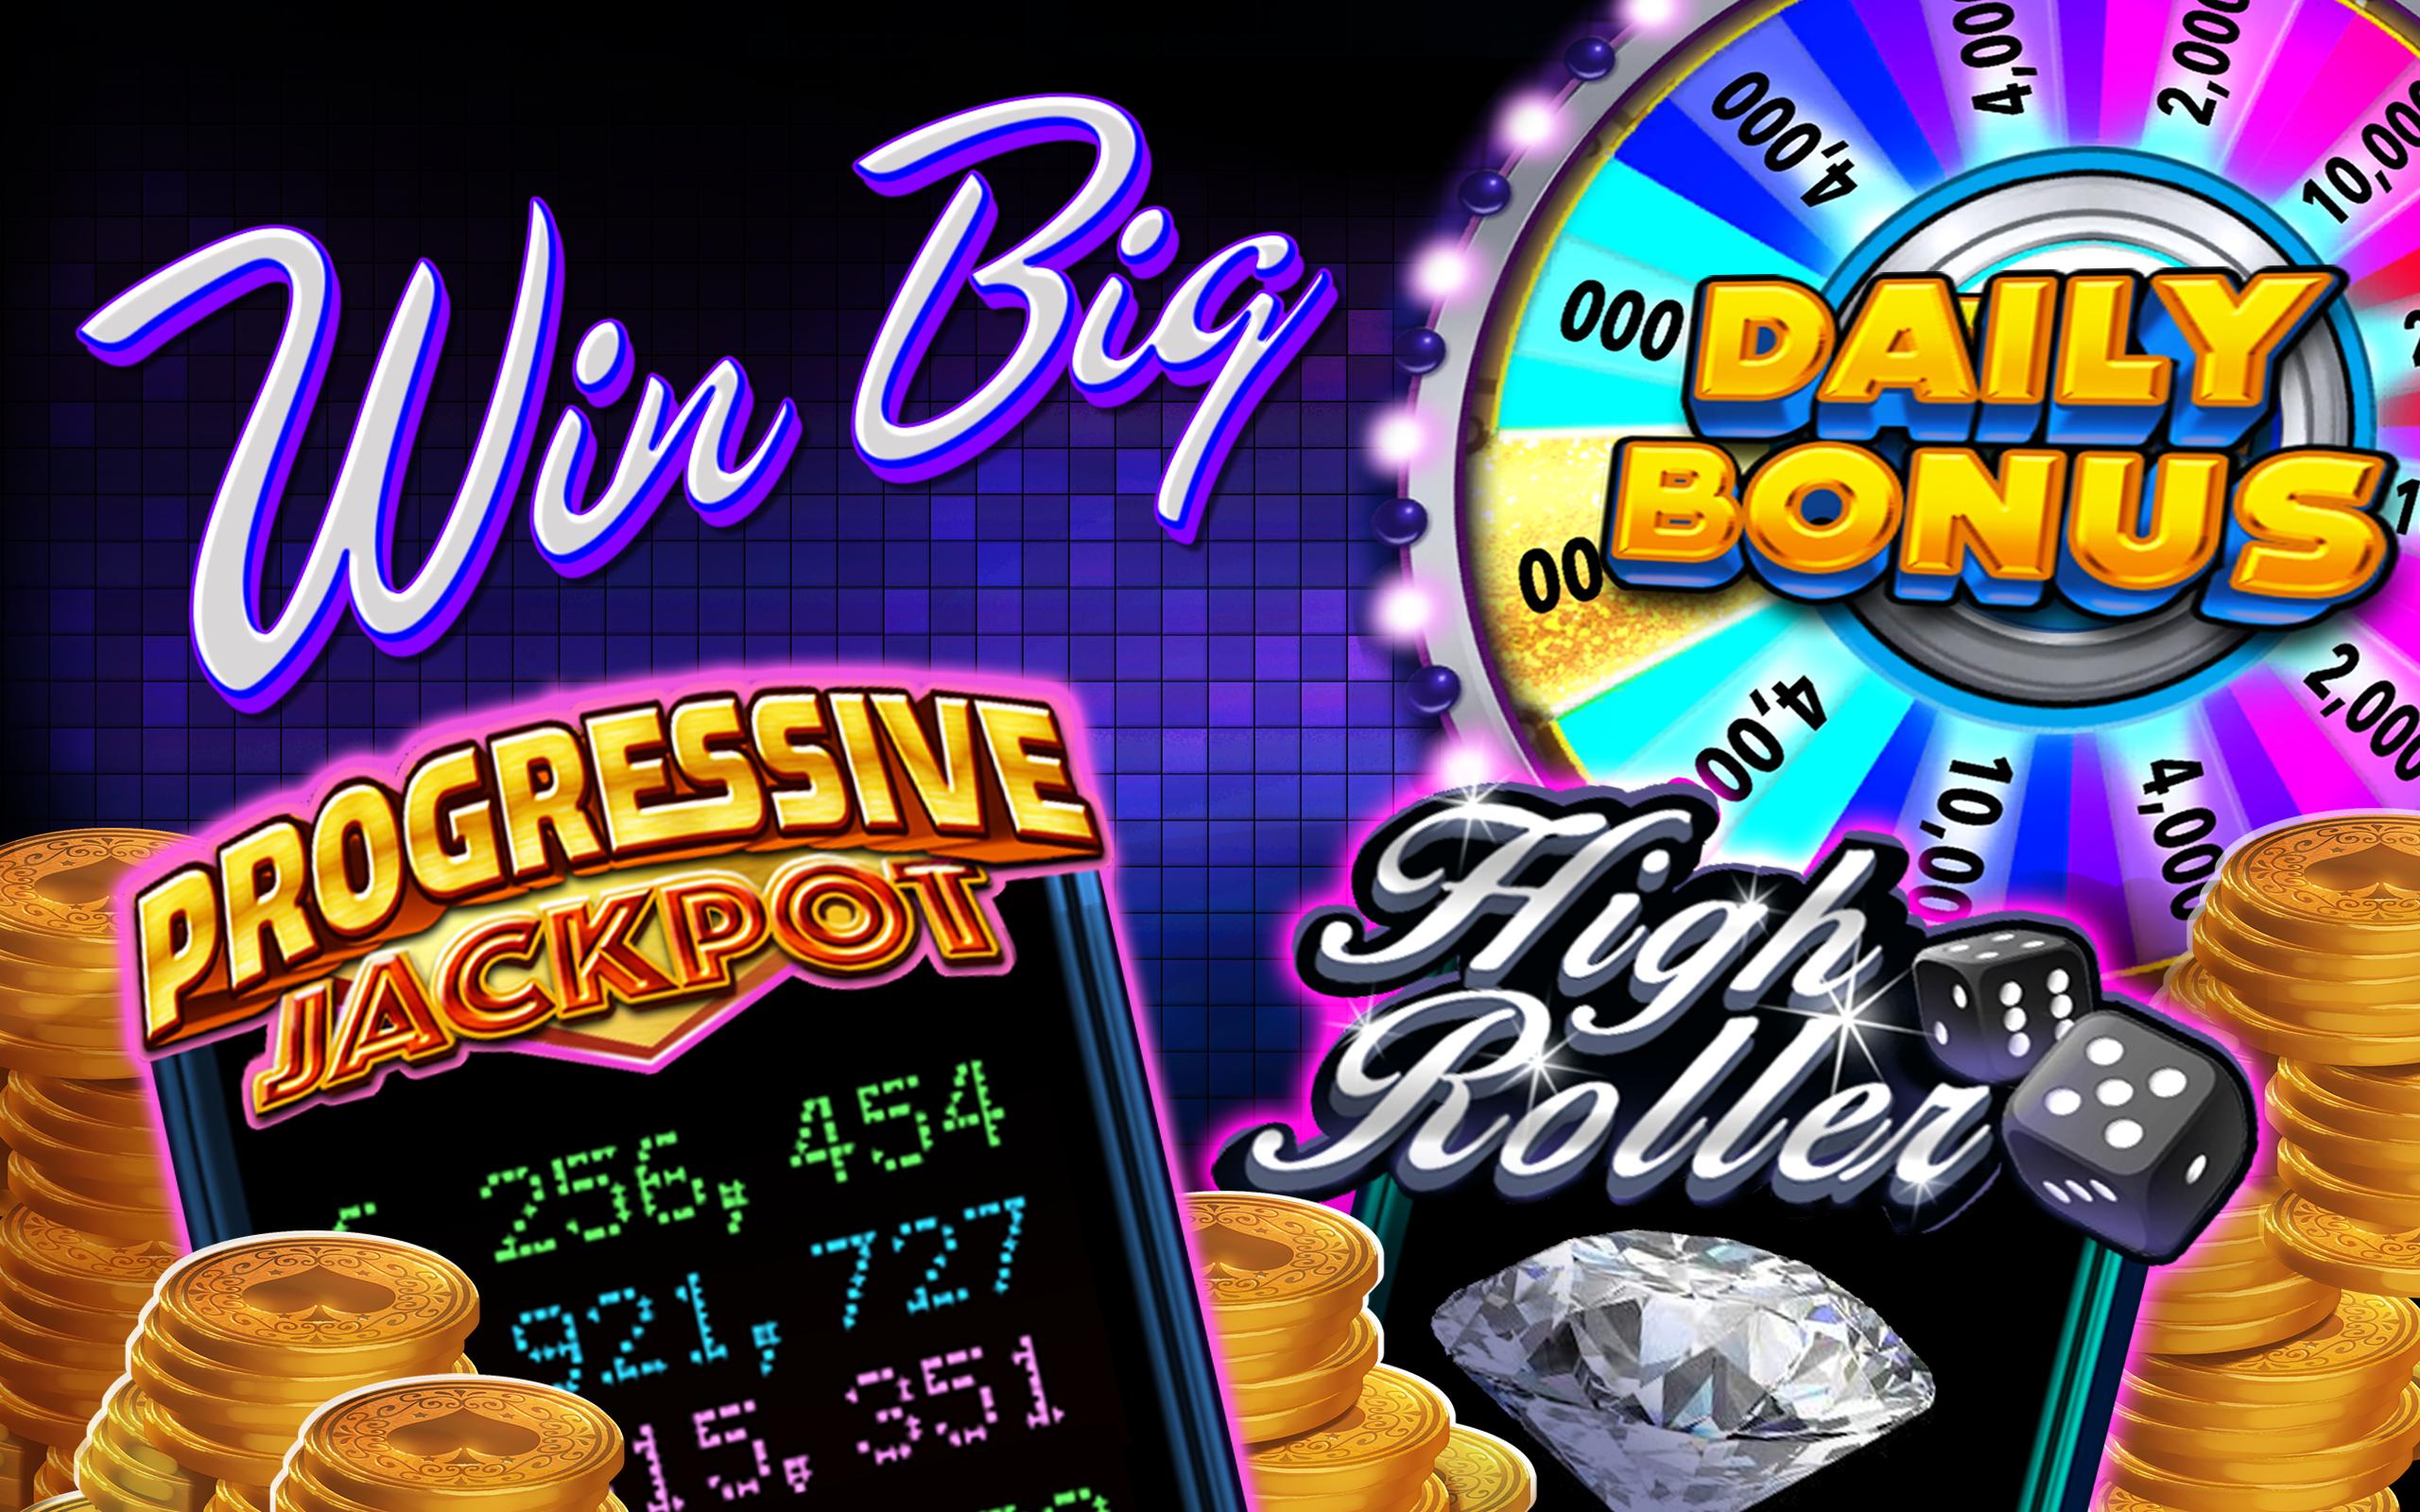 Vegas jackpot deals promotion code southwest